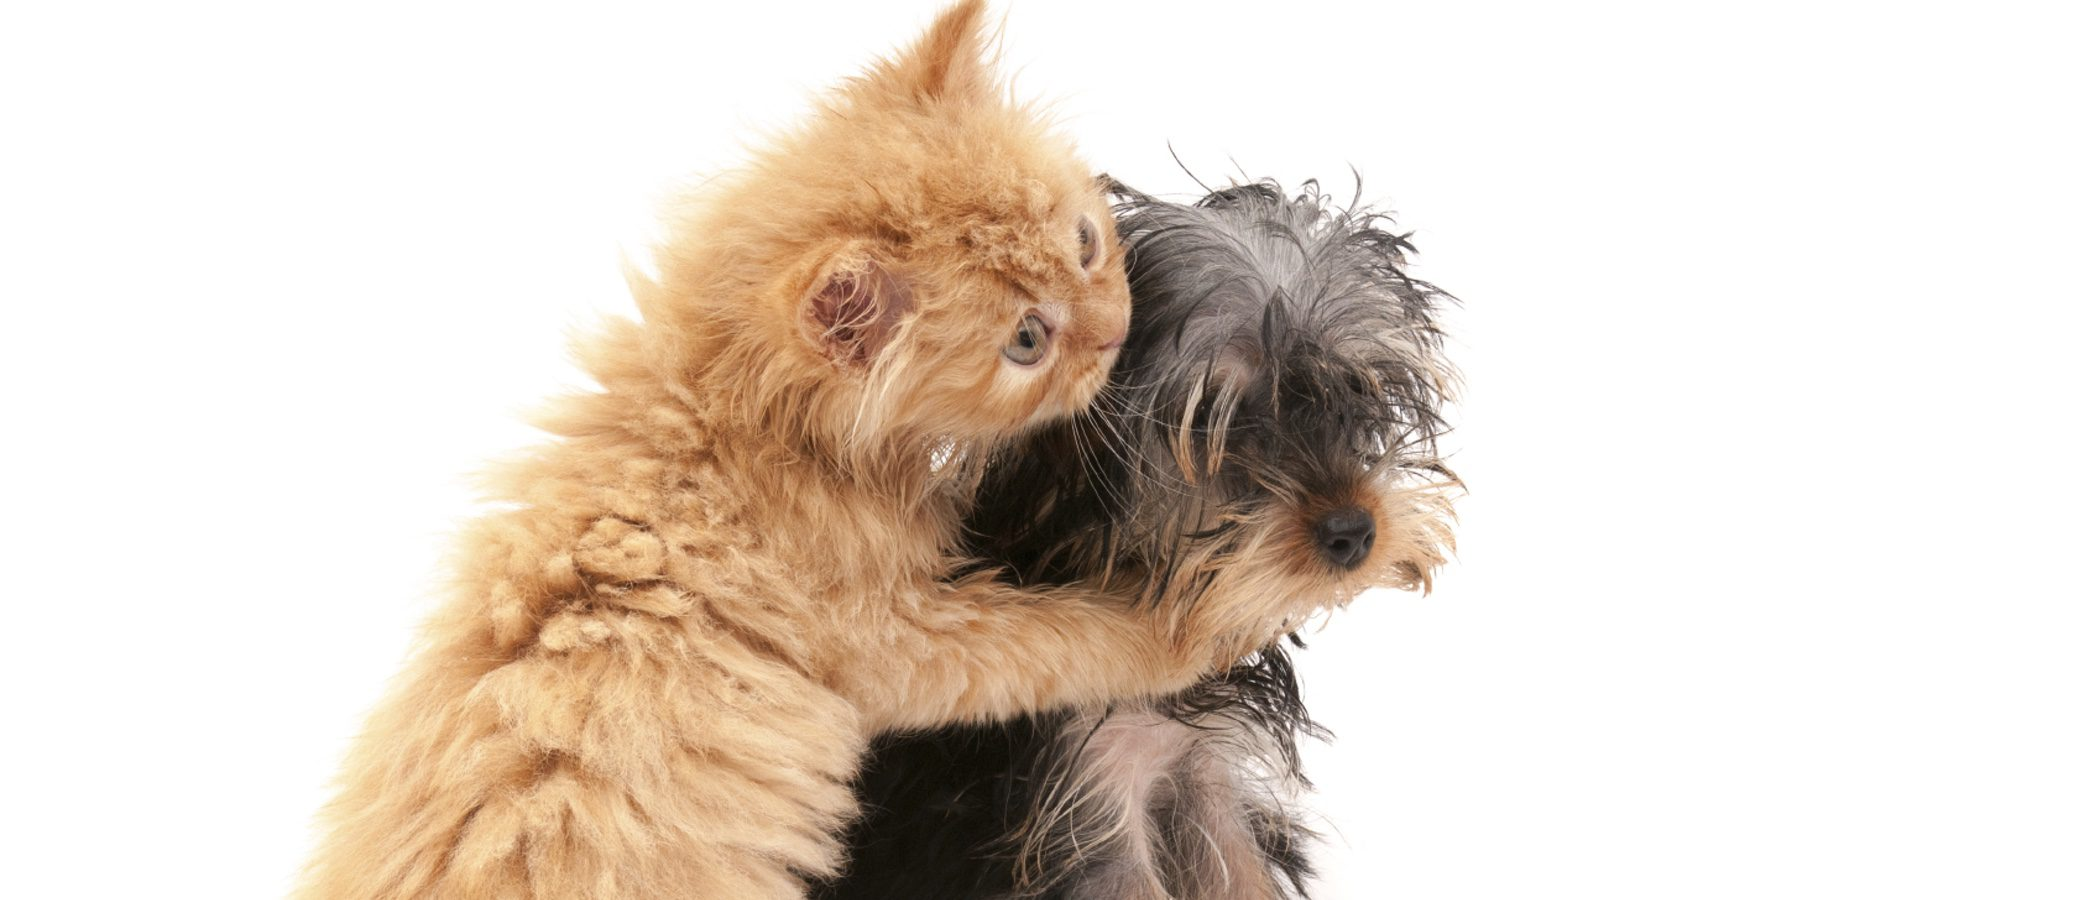 ¿Puedo tener un perro y un gato viviendo en la misma casa?